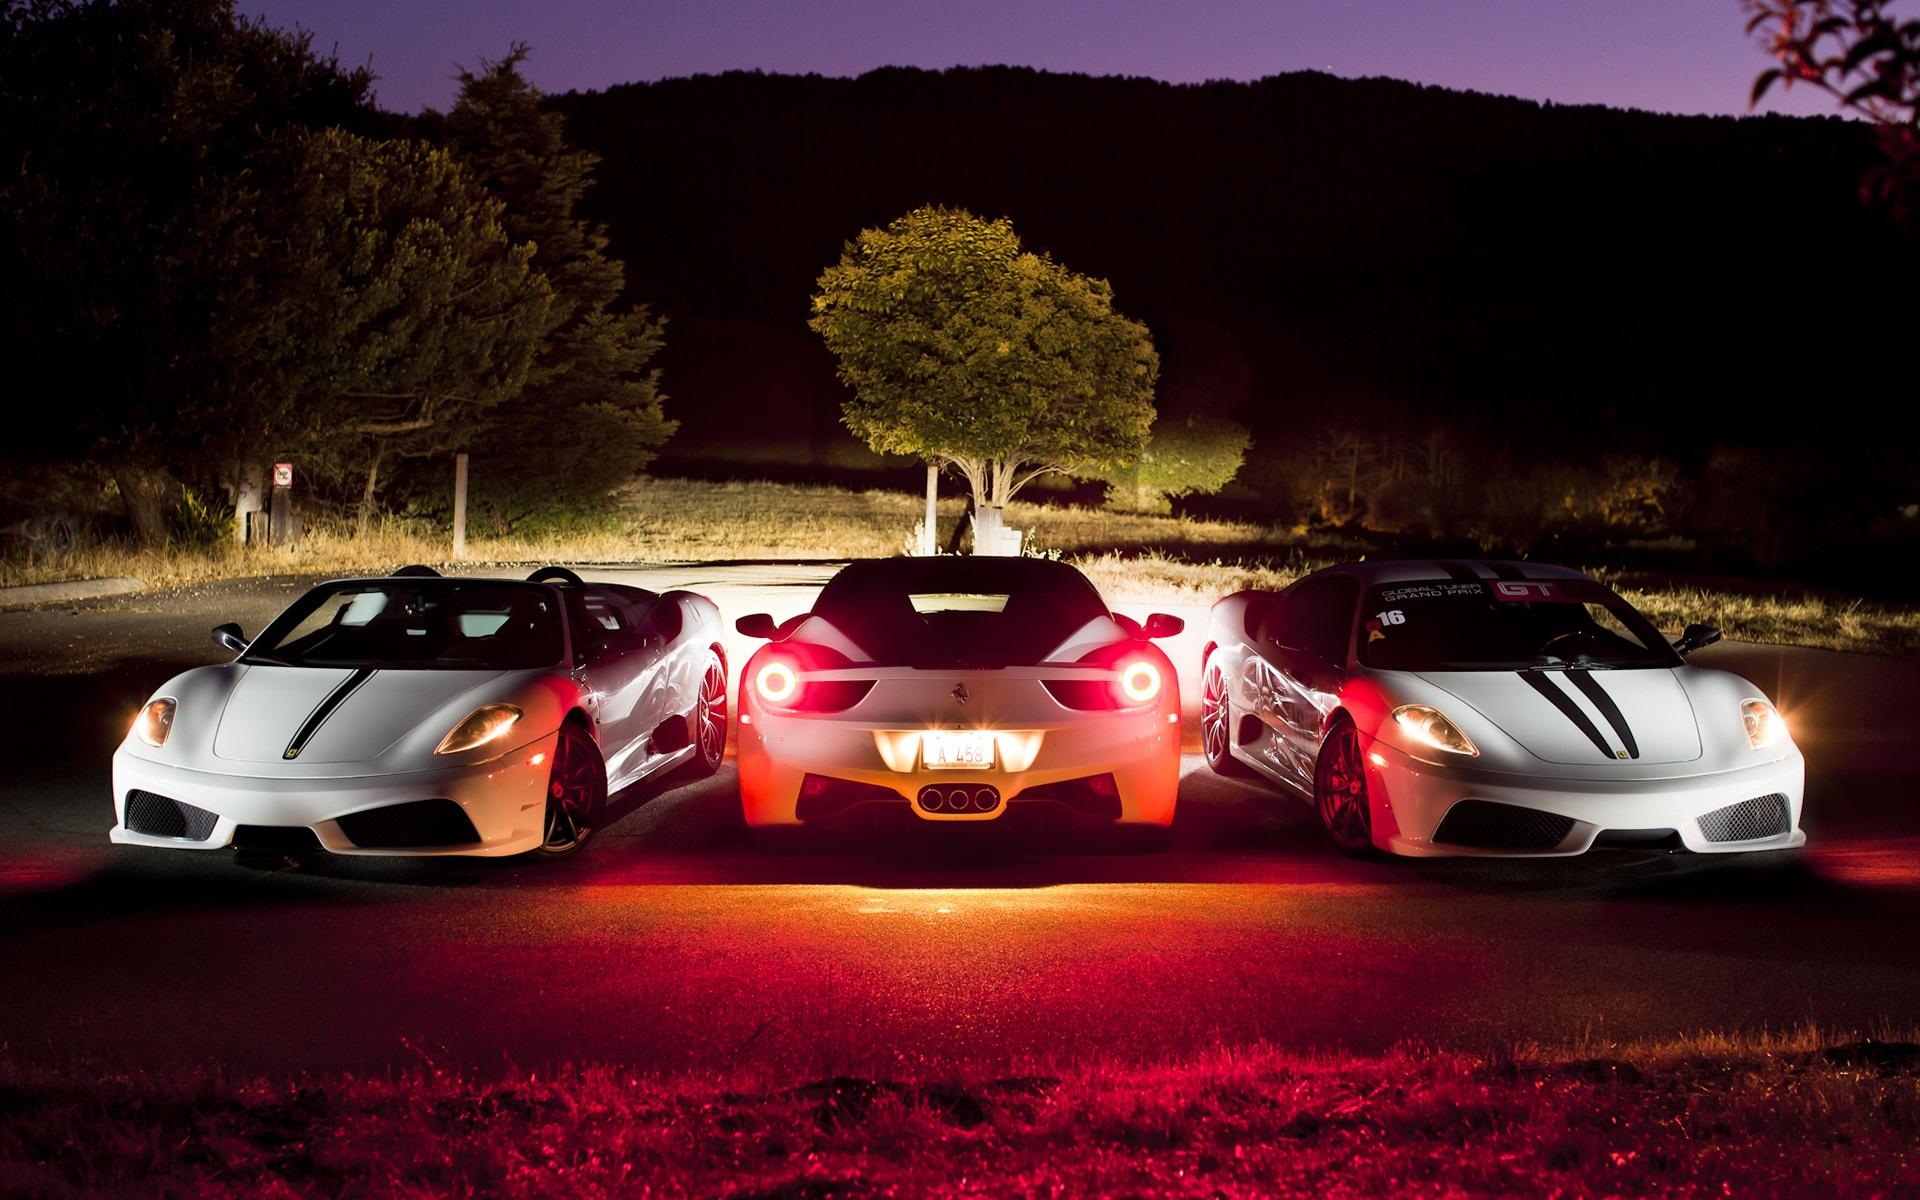 Fondos De Pantalla Ferrari F430 Supercar Blanco En La Noche